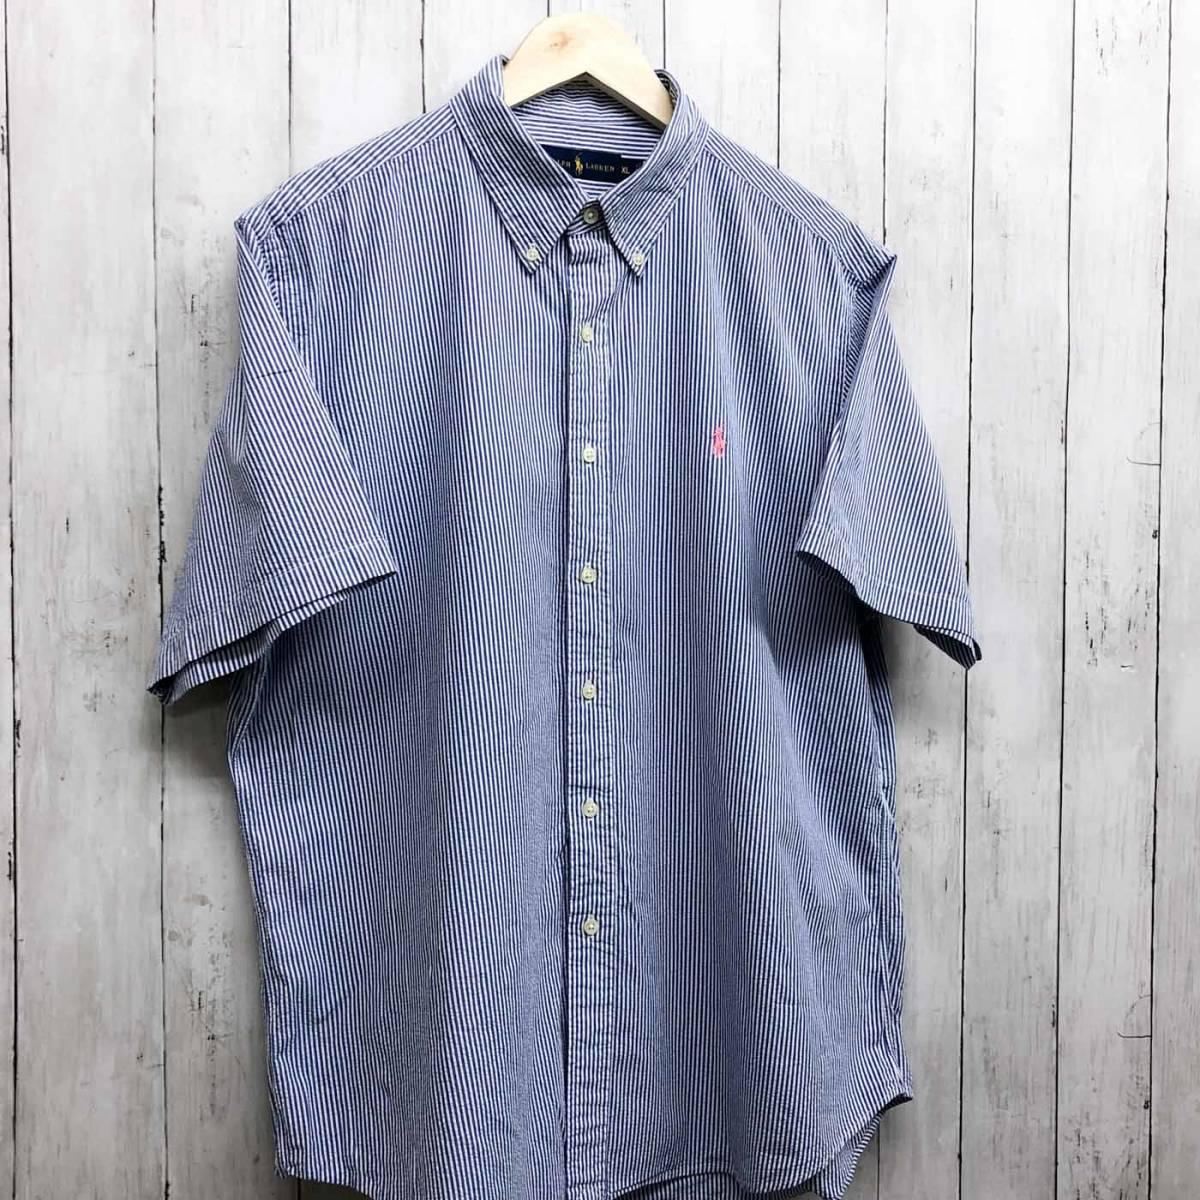 ラルフローレン POLO Ralph Lauren Polo 半袖シャツ メンズ ワンポイント XLサイズ 7-158_画像3